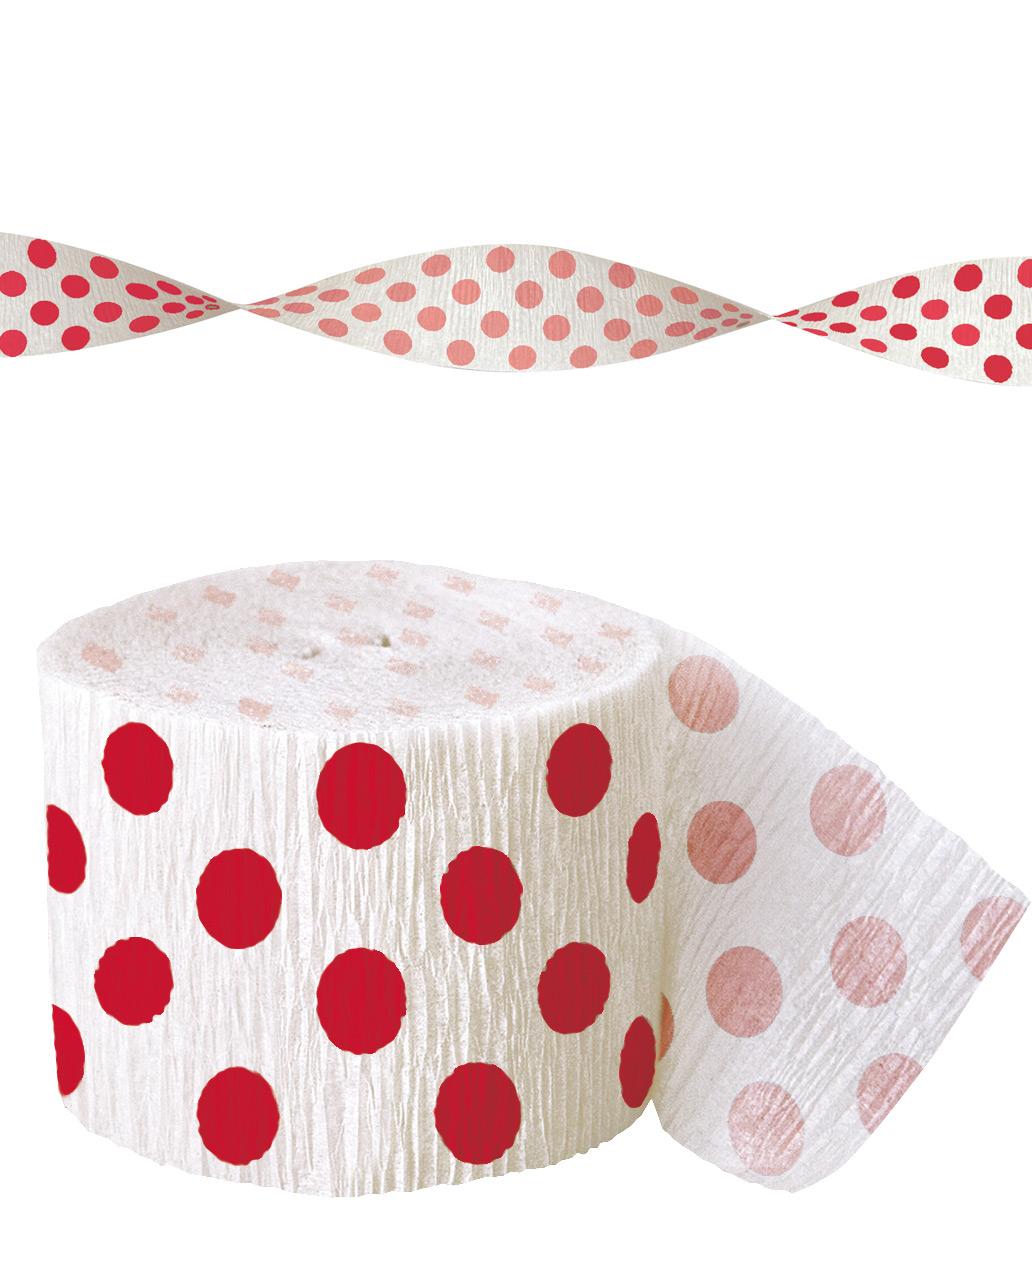 guirlande papier cr pon blanche pois rouge d coration anniversaire et f tes th me sur. Black Bedroom Furniture Sets. Home Design Ideas